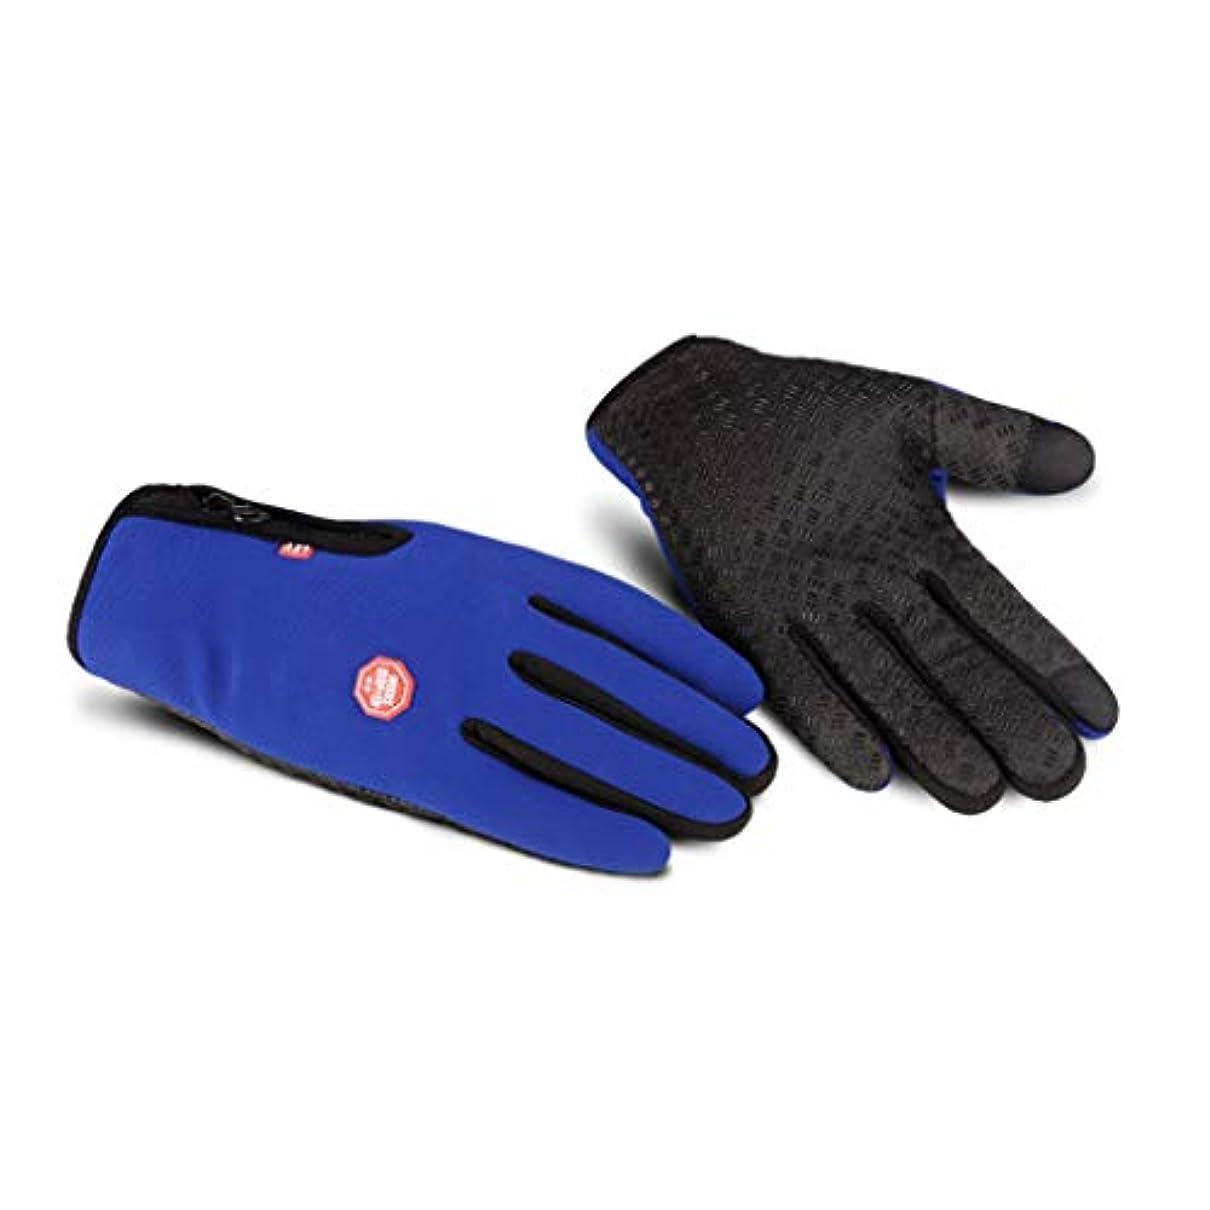 センサー寄り添うコンプライアンス手袋の男性の秋と冬の自転車電動バイクの女性のタッチスクリーンはすべて防風ノンスリップ暖かい冬のコールドプラスベルベット弾性手袋を意味する (色 : 青)